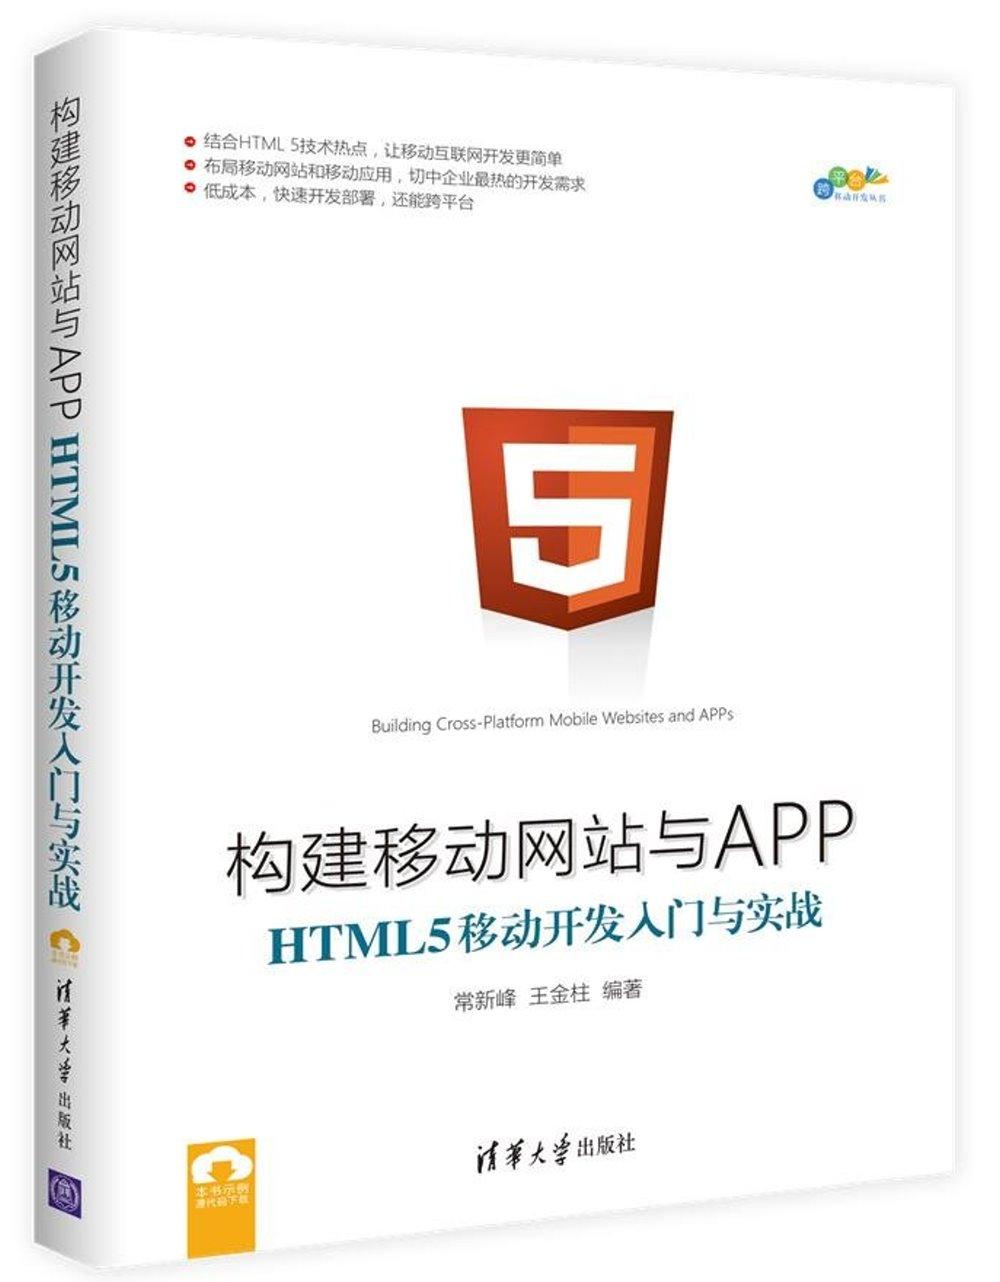 構建移動網站與APP:HTML 5移動開發入門與實戰